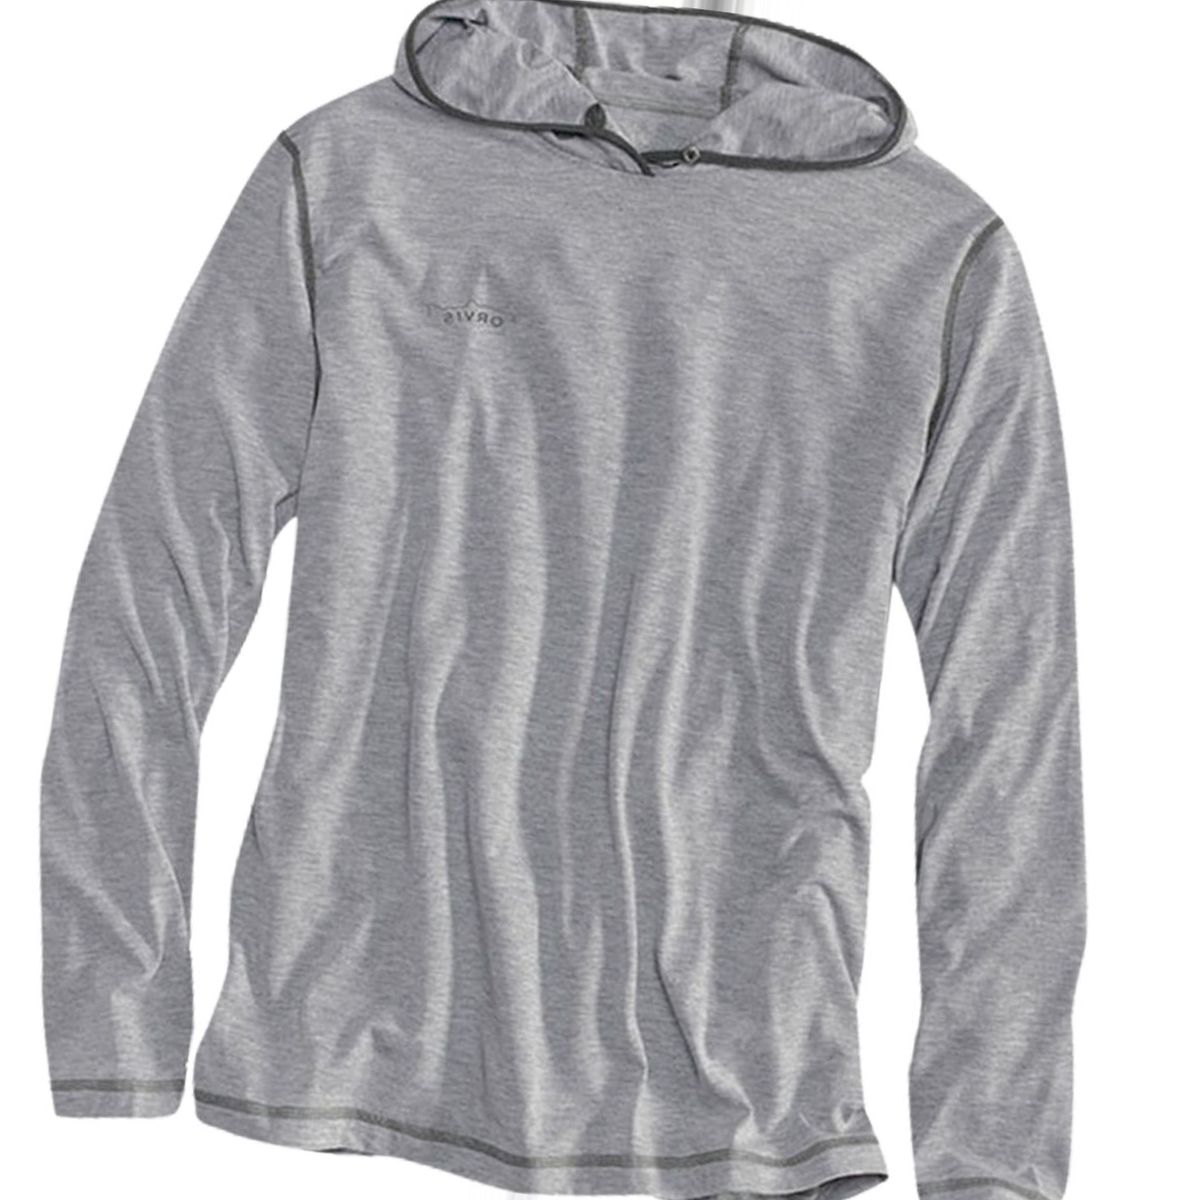 Orvis Dri Release Hooded Shirt - Men's